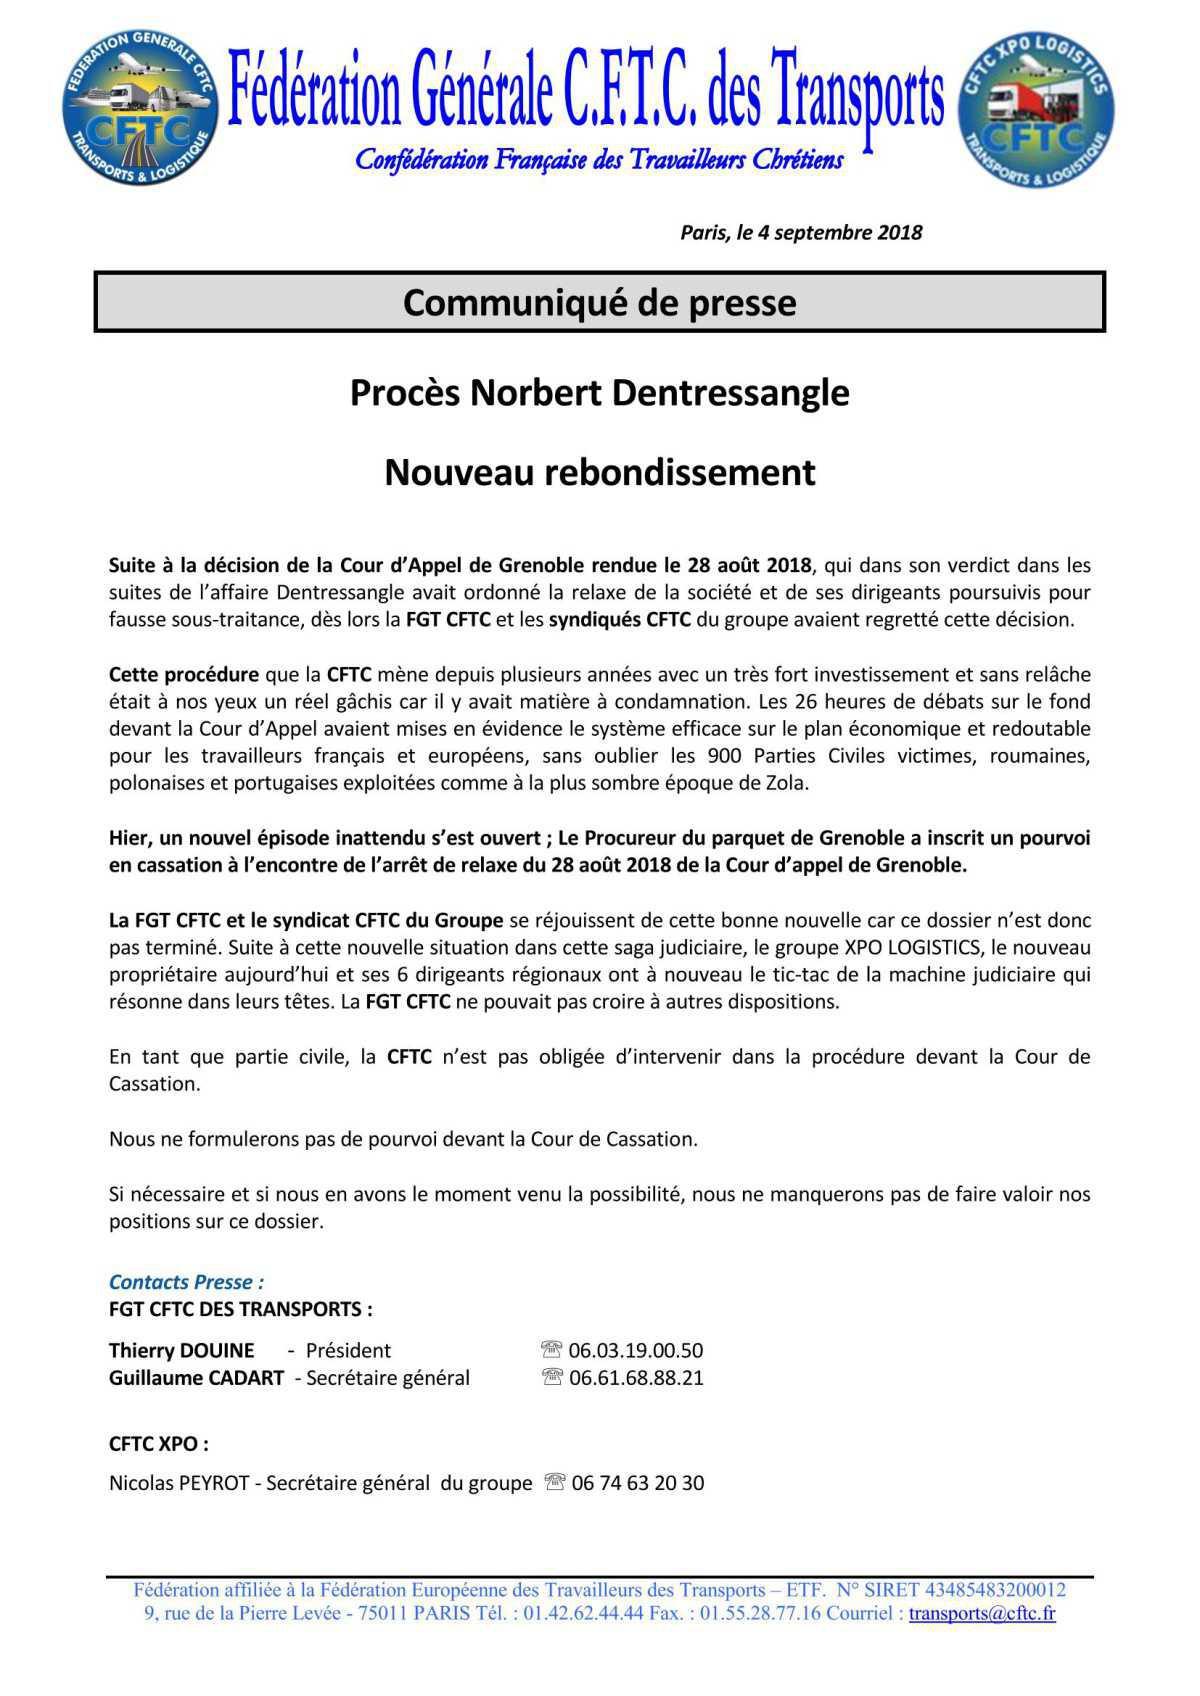 Procès Norbert Dentressangle : nouveau rebondissement...